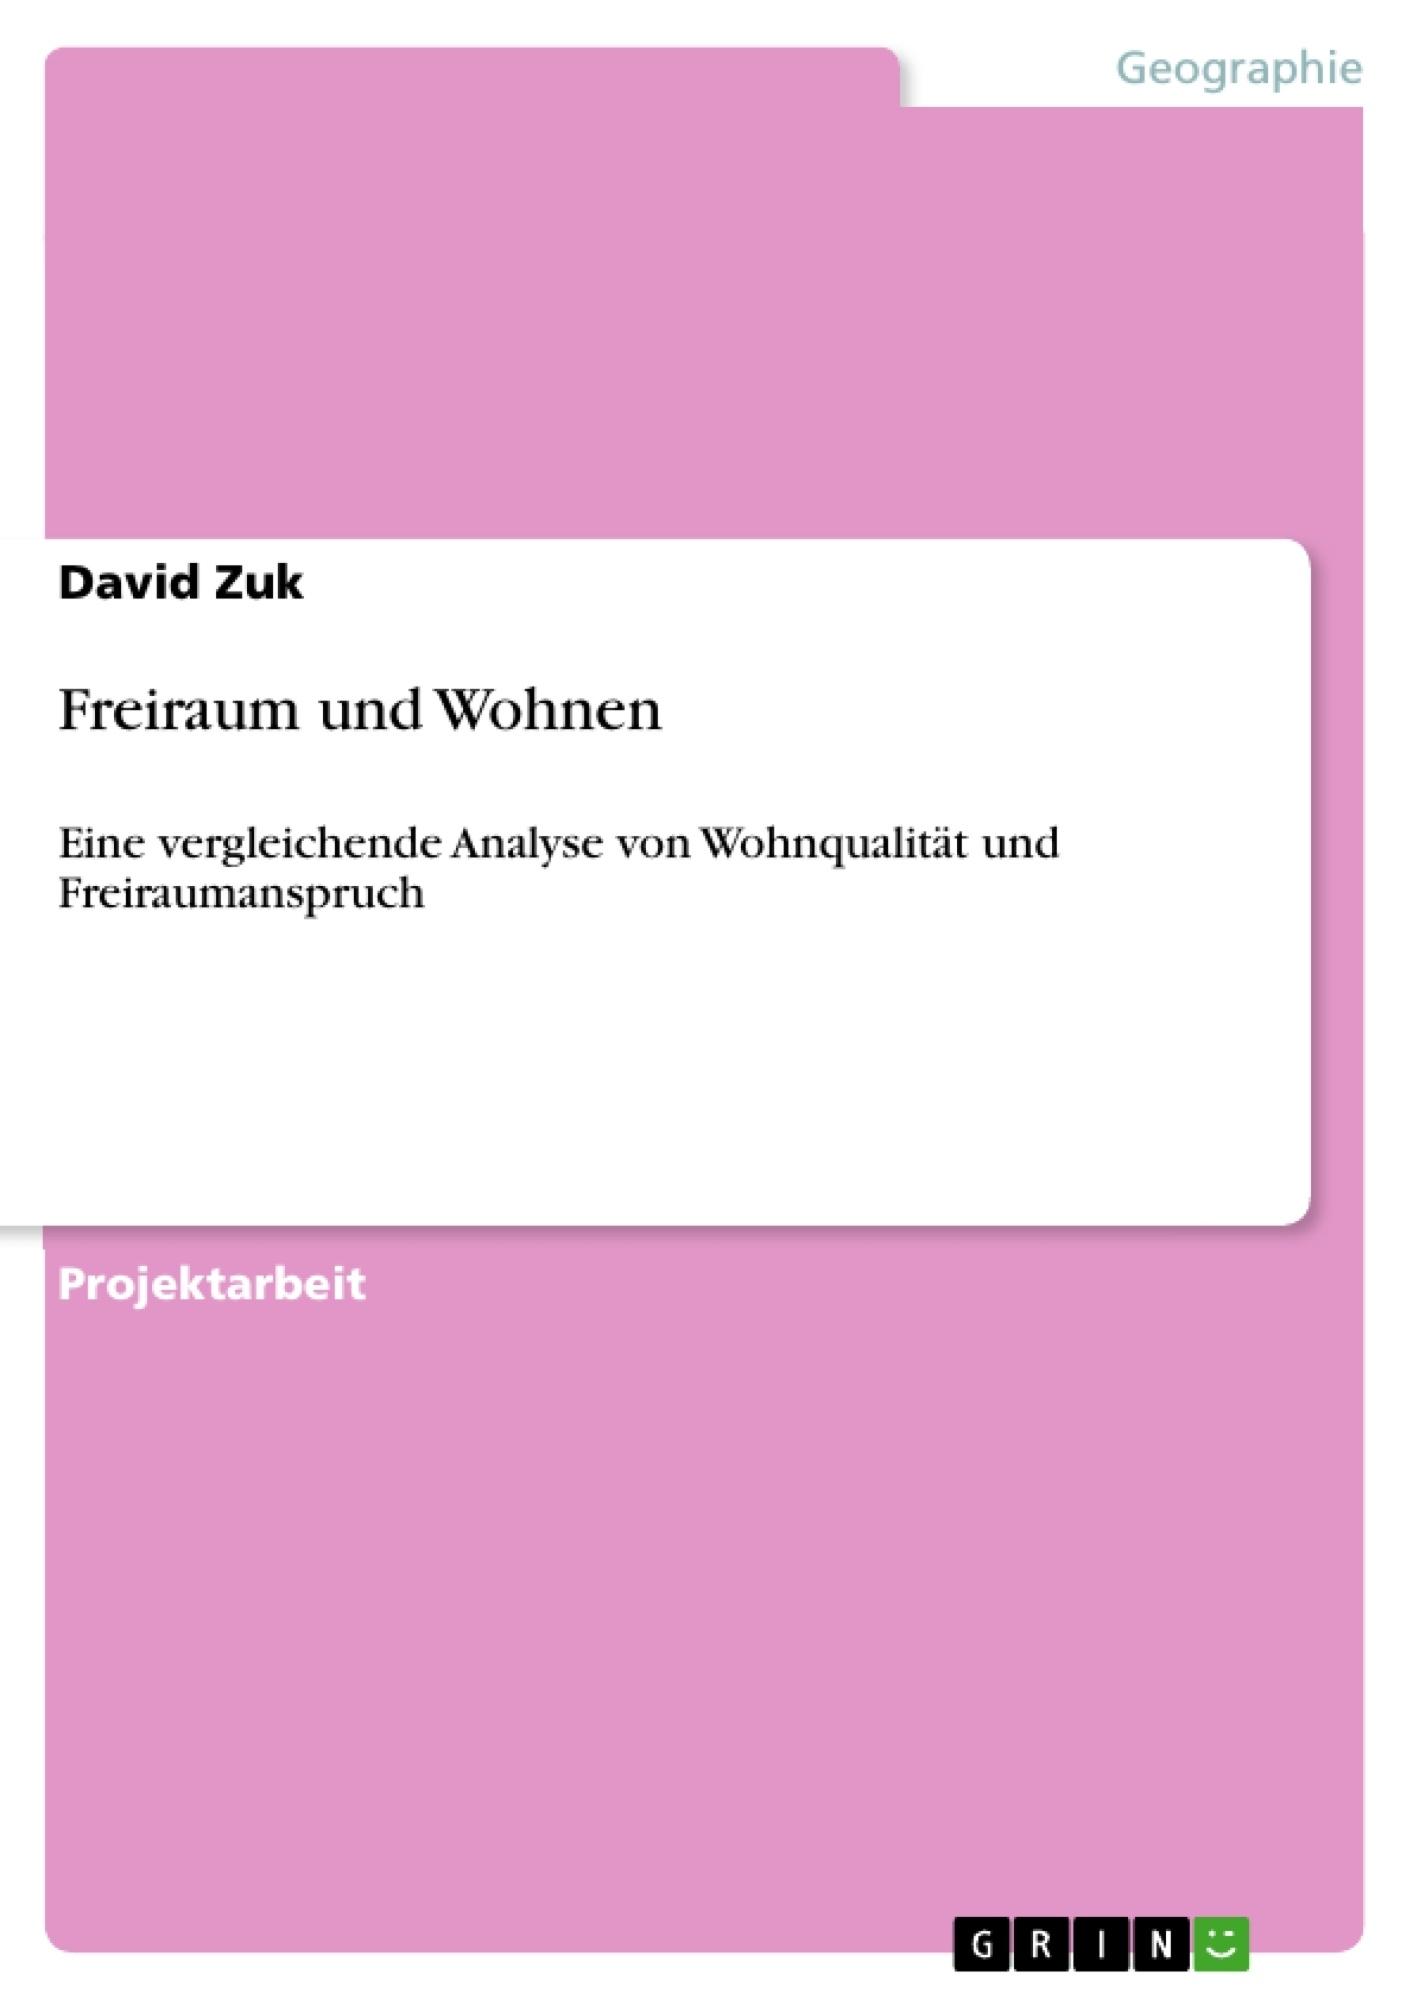 Titel: Freiraum und Wohnen